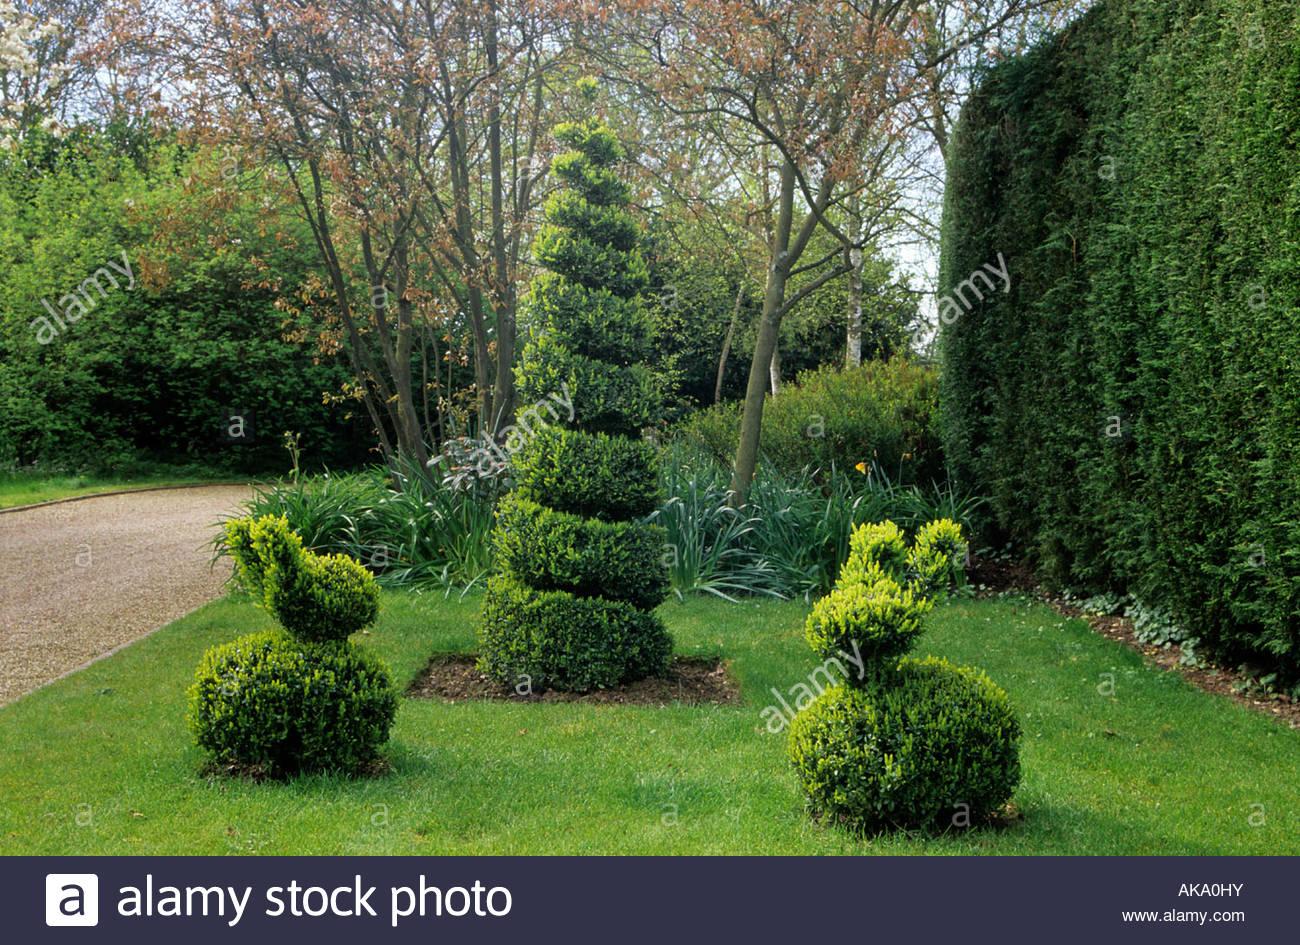 Private garten kent buchsbaum formschnitt spirale und tiere stockfoto bild 14933846 alamy - Buchsbaum formschnitt ...